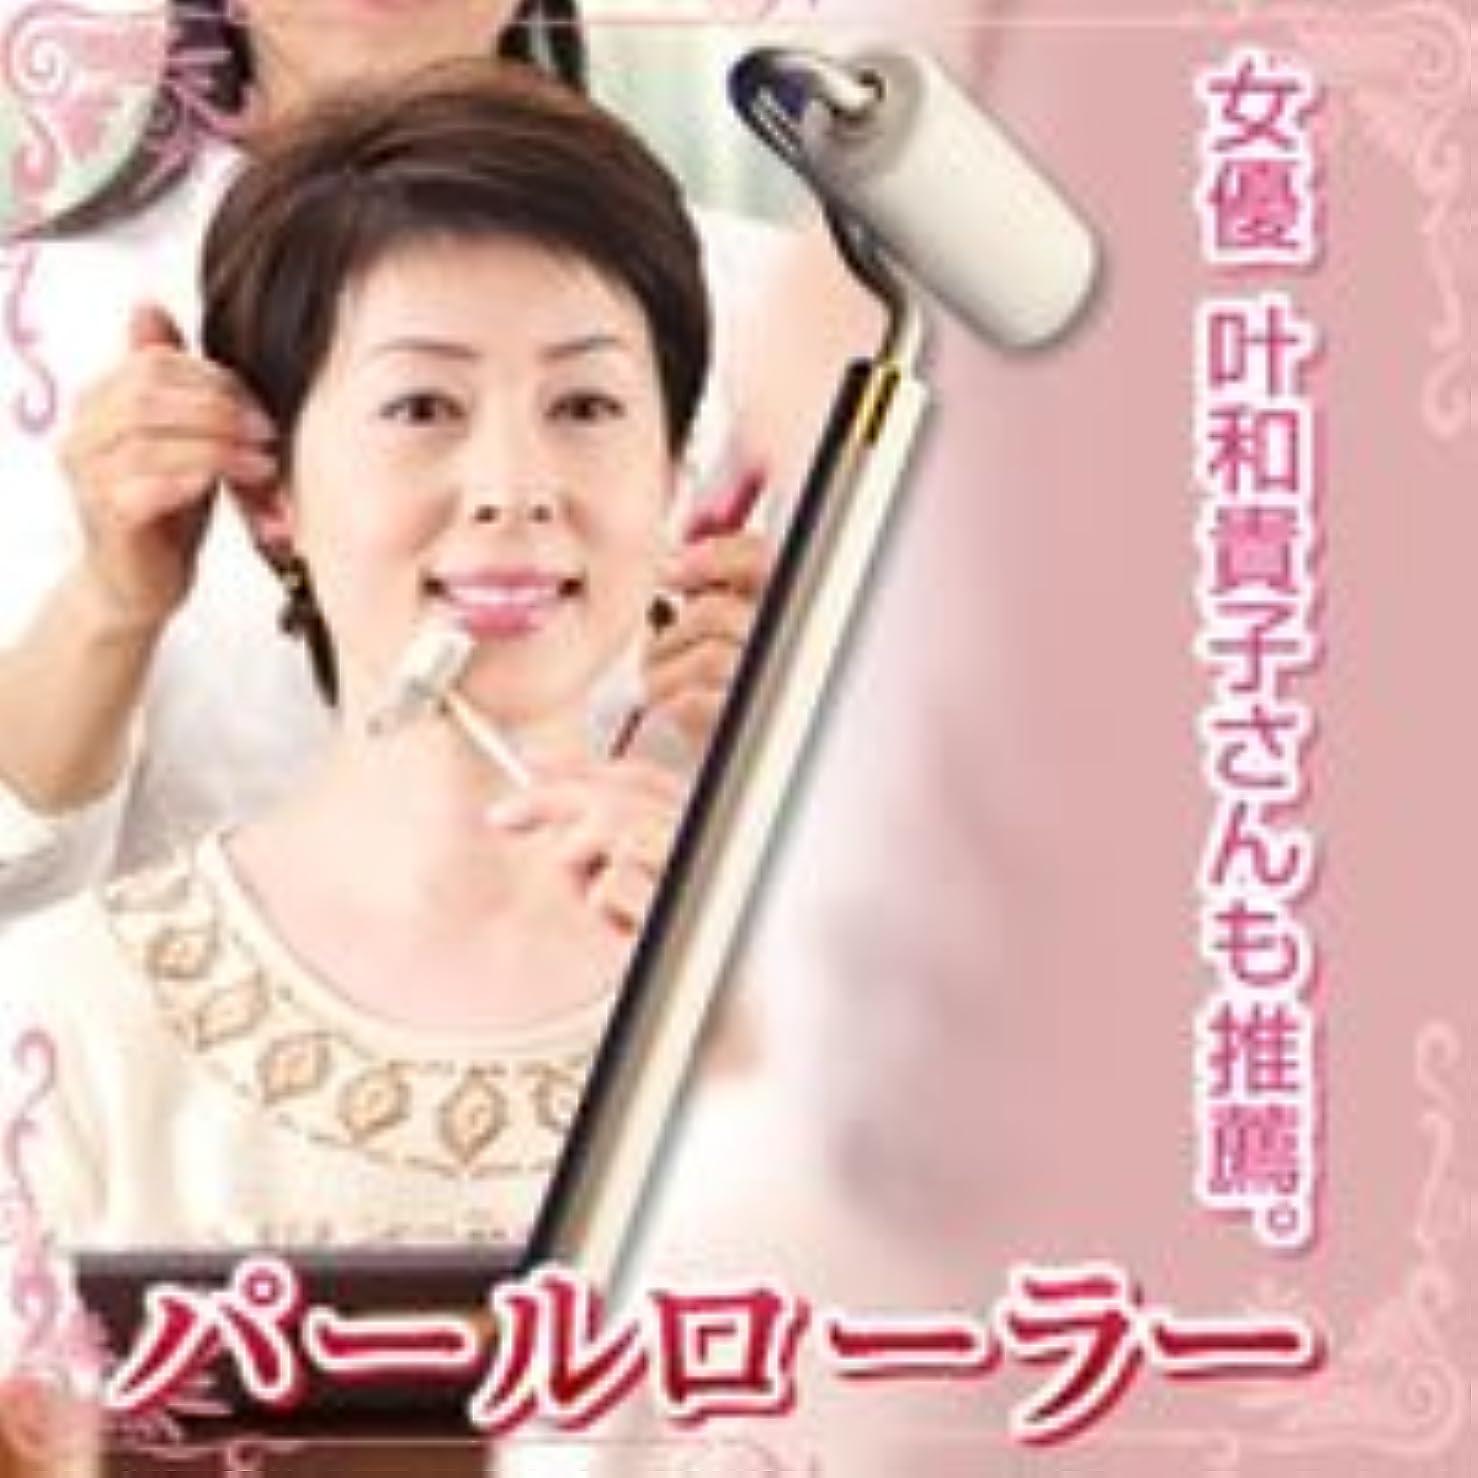 連想バイオレット歯痛パールローラー